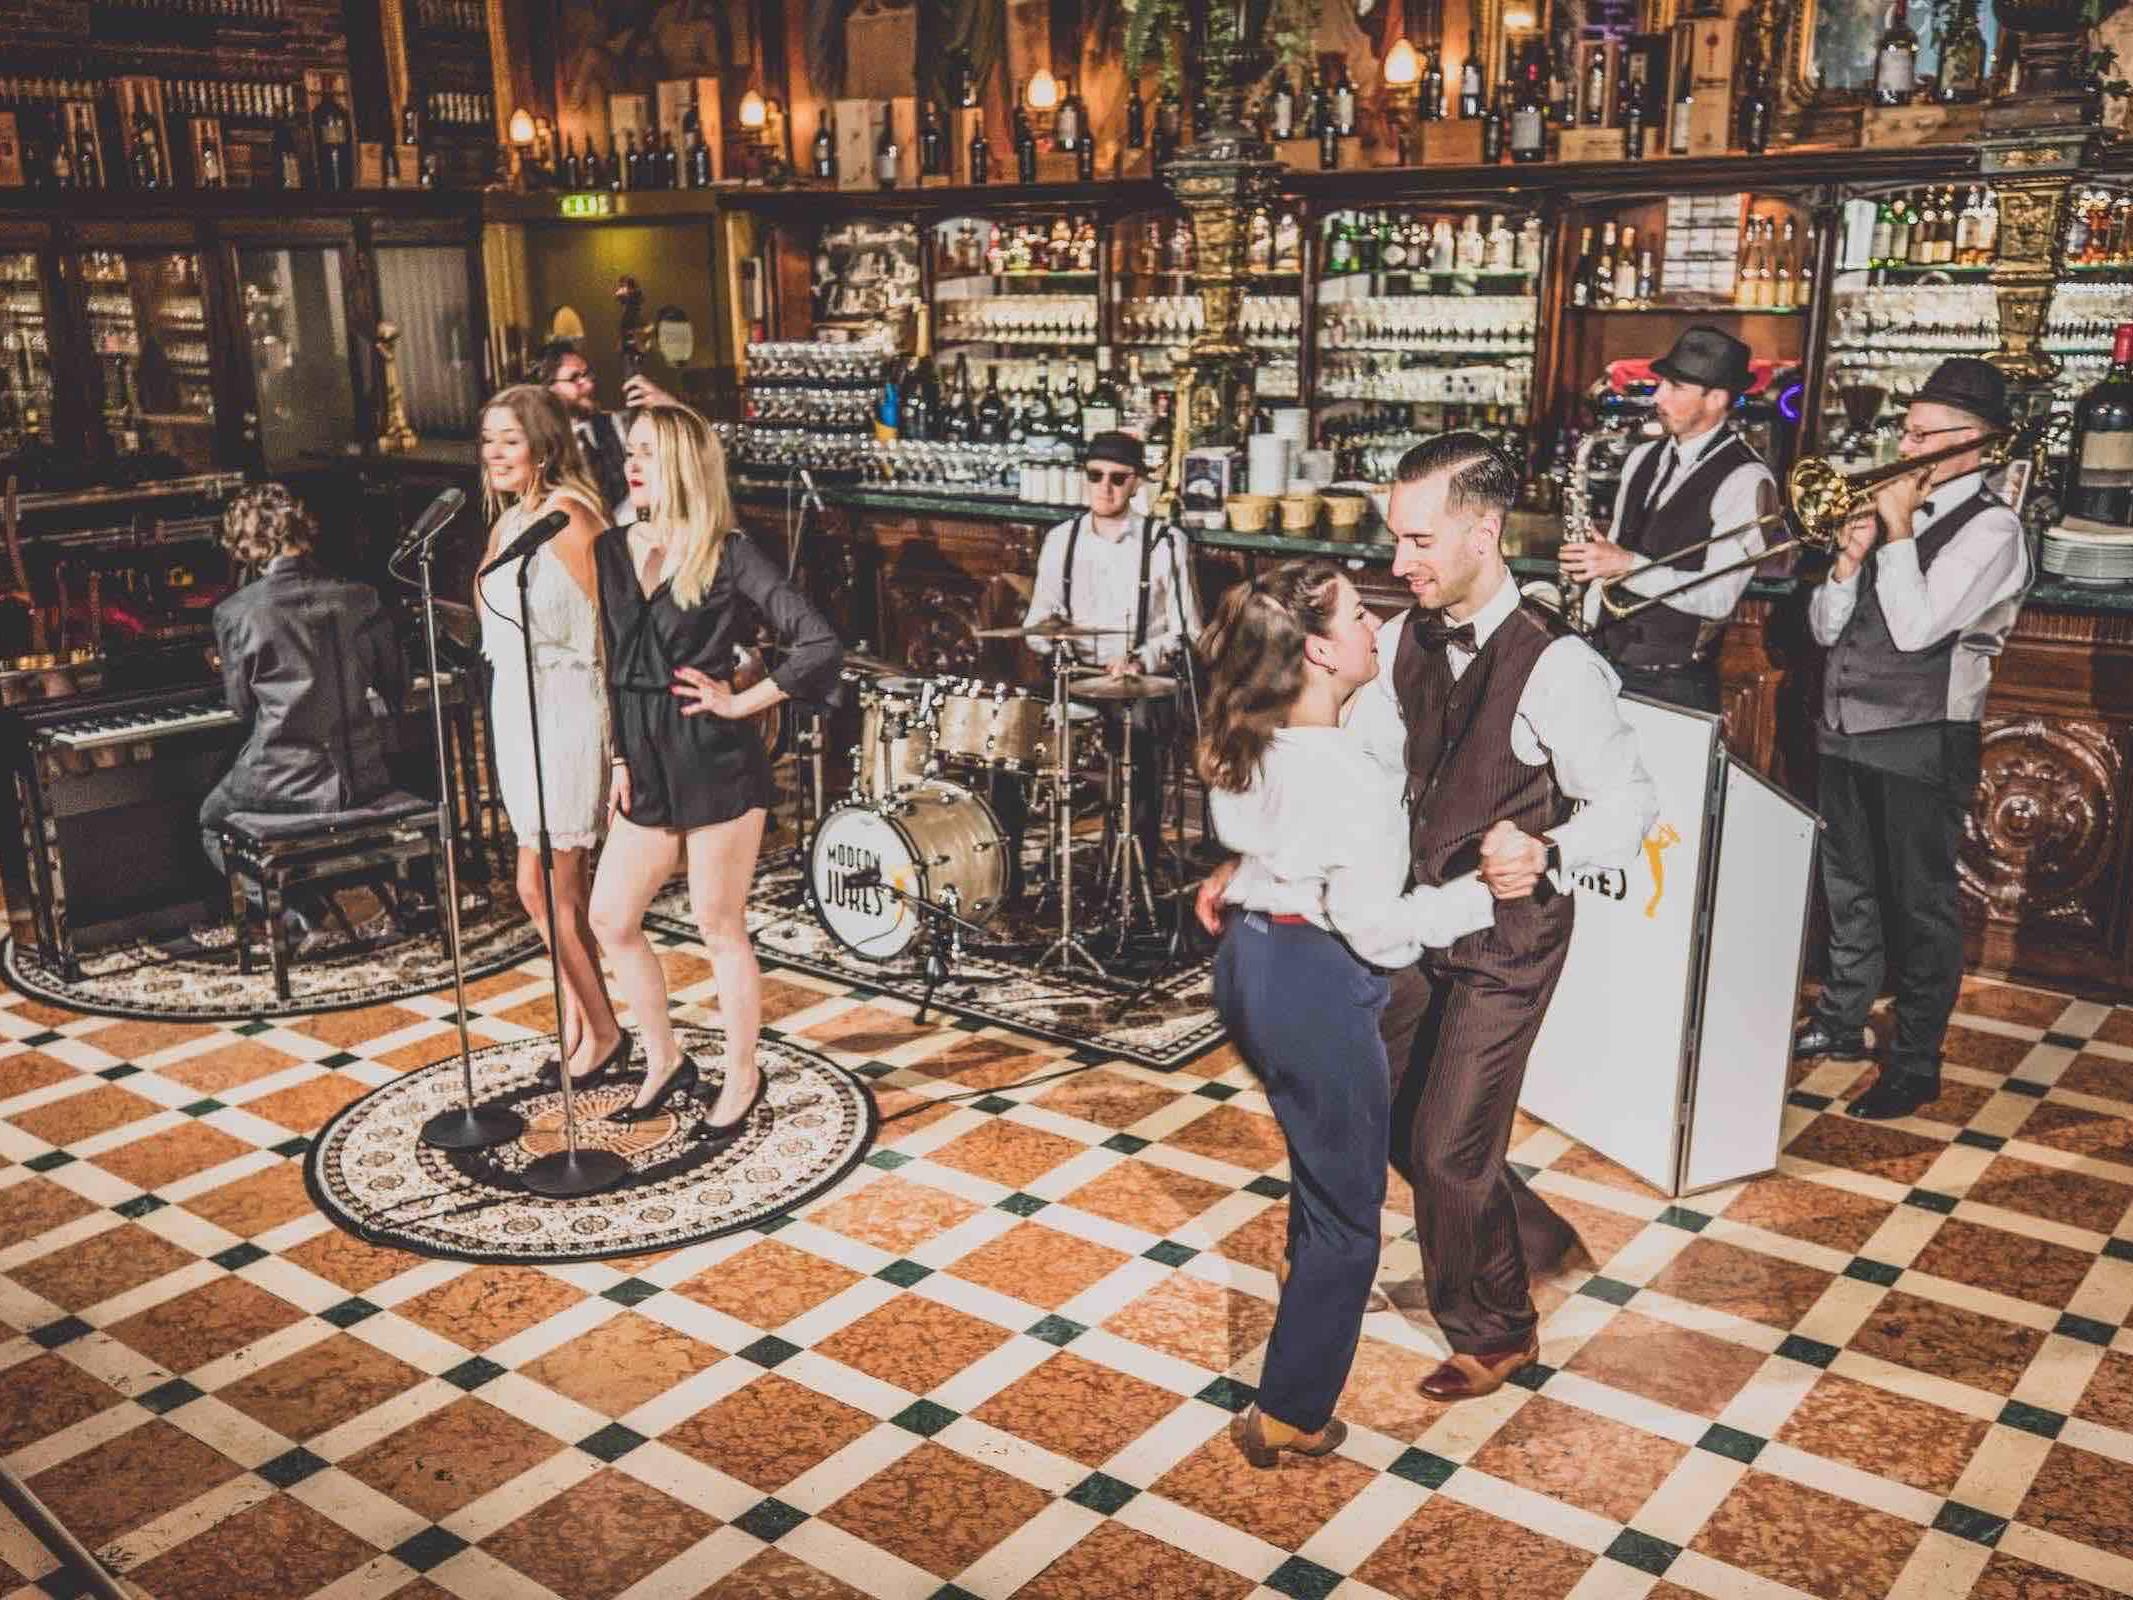 Band   Hamburg   Liveband   Livemusik   Partyband   Popband   Jazzband   Swingband   Lounge   Pop   Jazz   Saxophon   Schlagzeug   Celle   Trompete   Hochzeitsband   Firmenfeier   Charity   Gala   Mieten   Anfragen   Hamburgfeiert